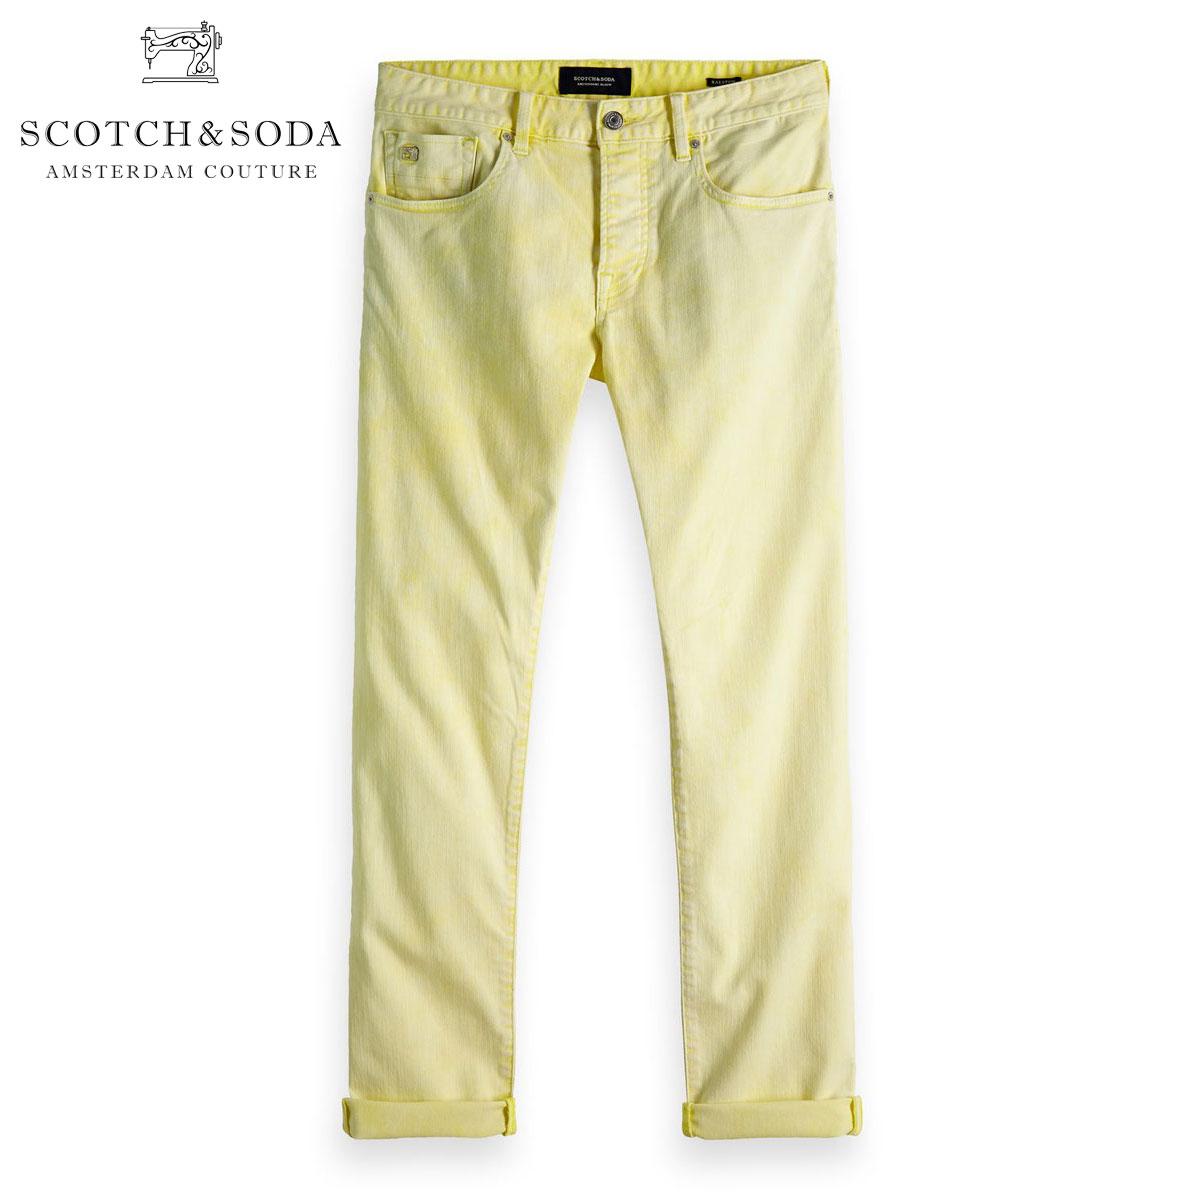 予約商品 12月頃入荷予定 スコッチアンドソーダ ジーンズ メンズ 正規販売店 SCOTCH&SODA カラーデニム ジーパン RALSTON - ACID WASH COLORS SUNBLEACH YELLOW 150921 85508 41 D